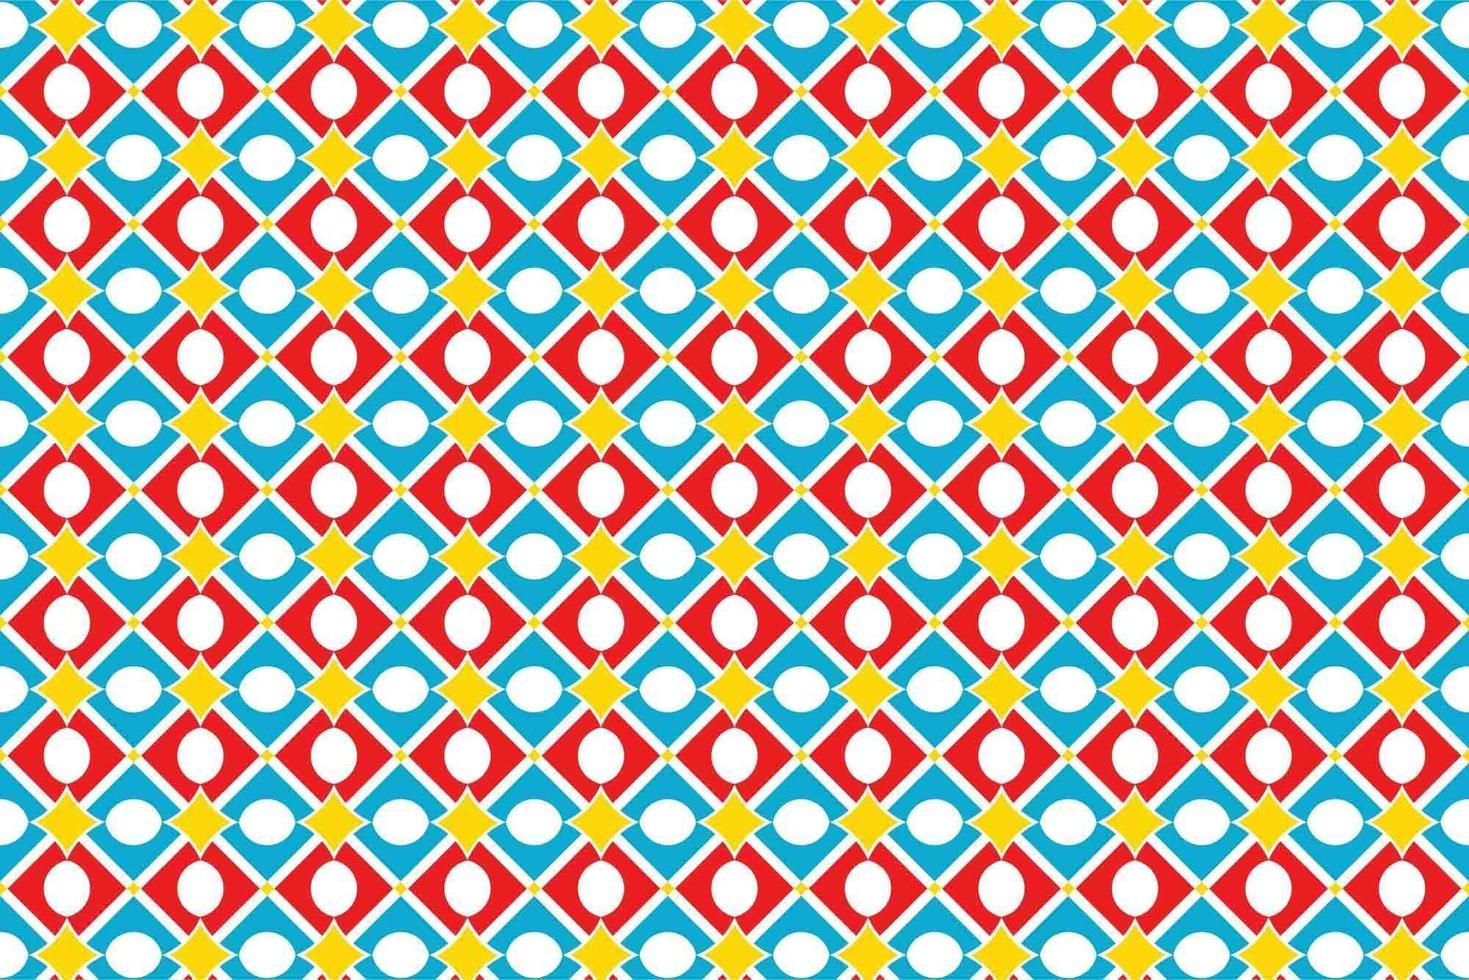 geometrische ruitvorm naadloze patroon vector